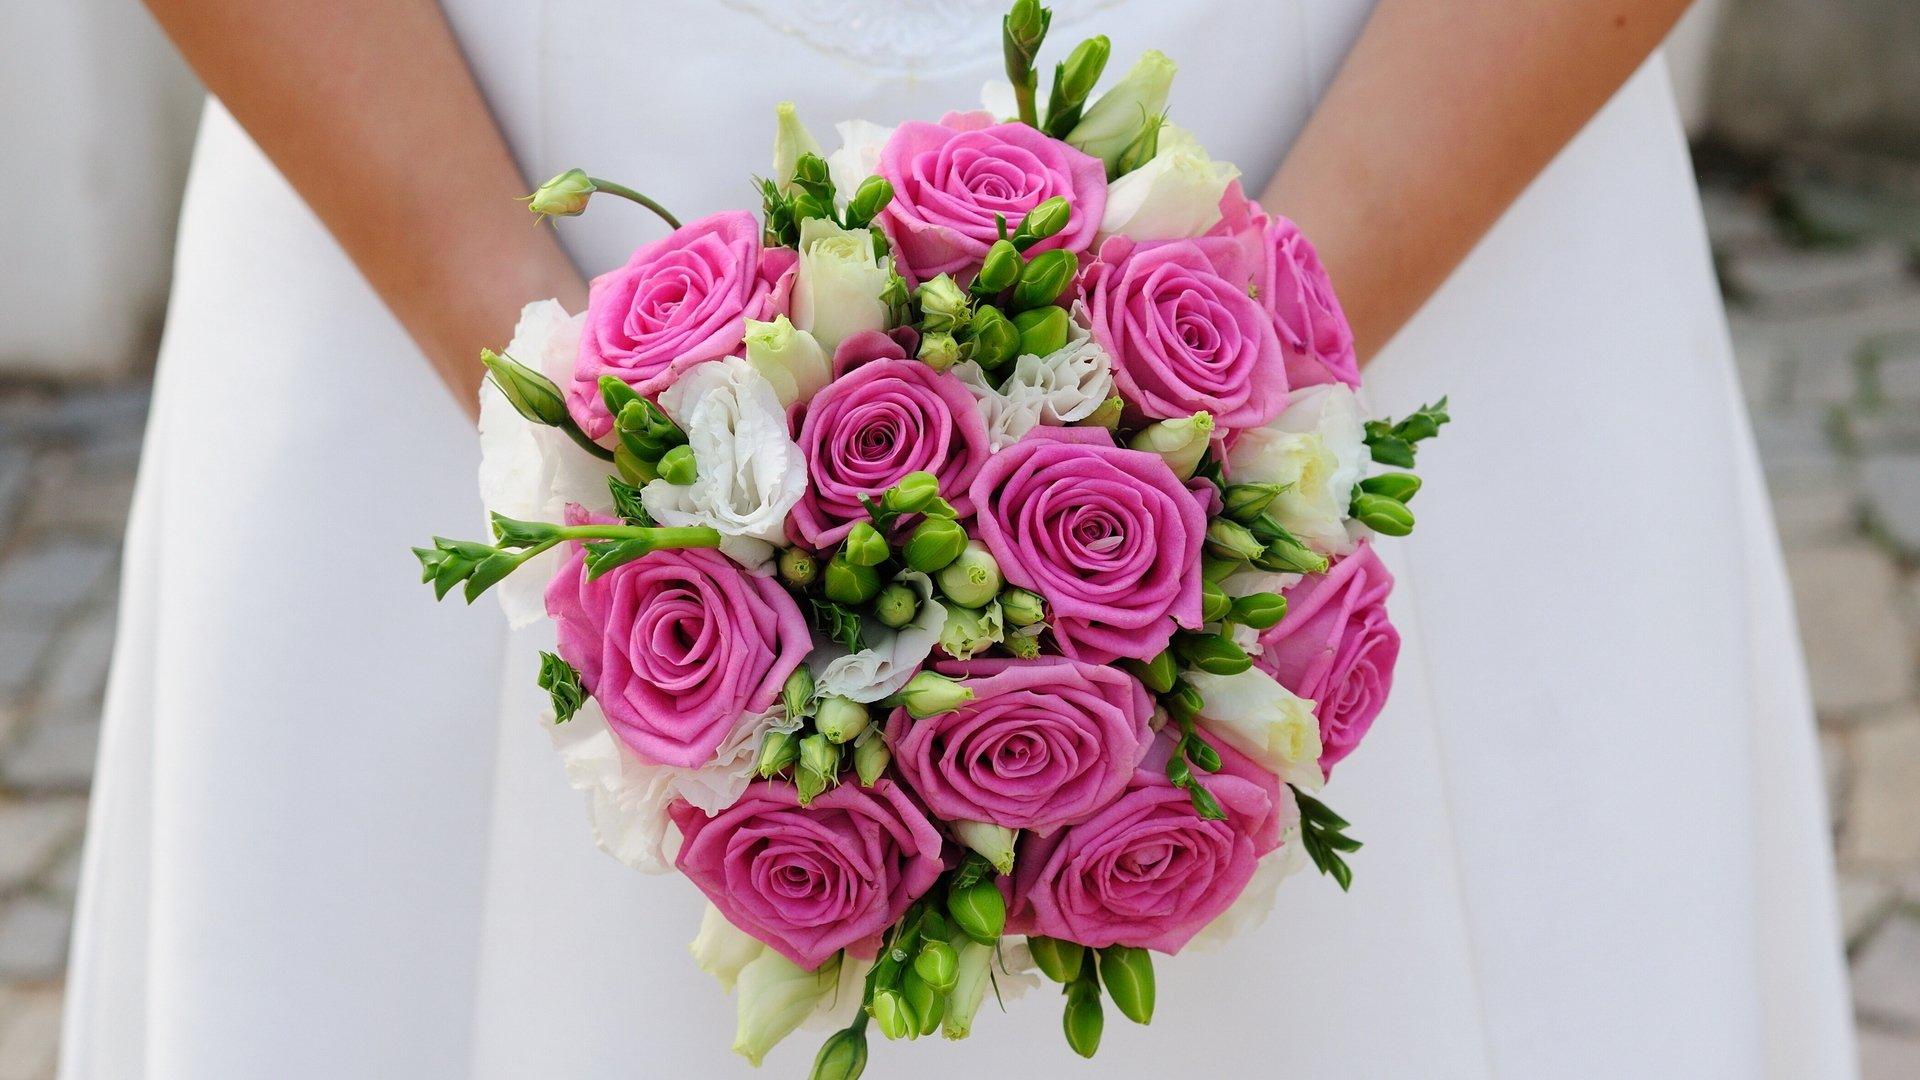 Свадебные цветы: как выбрать самый красивый букет и яркое 63